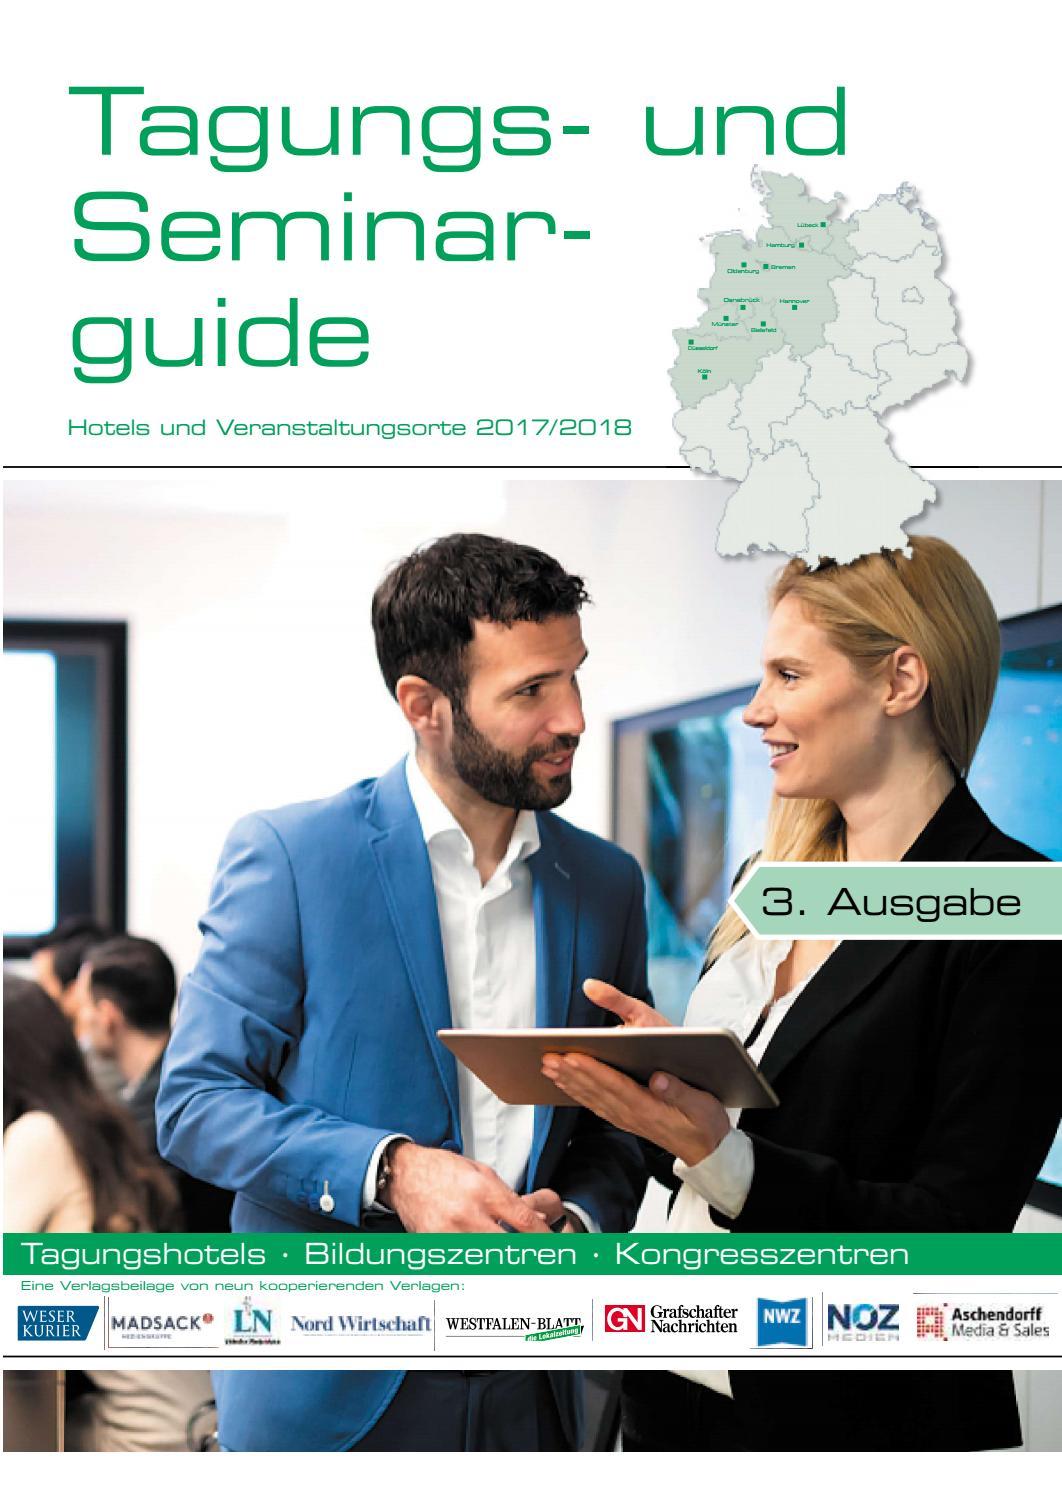 Tagungs- und Seminarguide 2017 by Neue Osnabruecker Zeitung - issuu